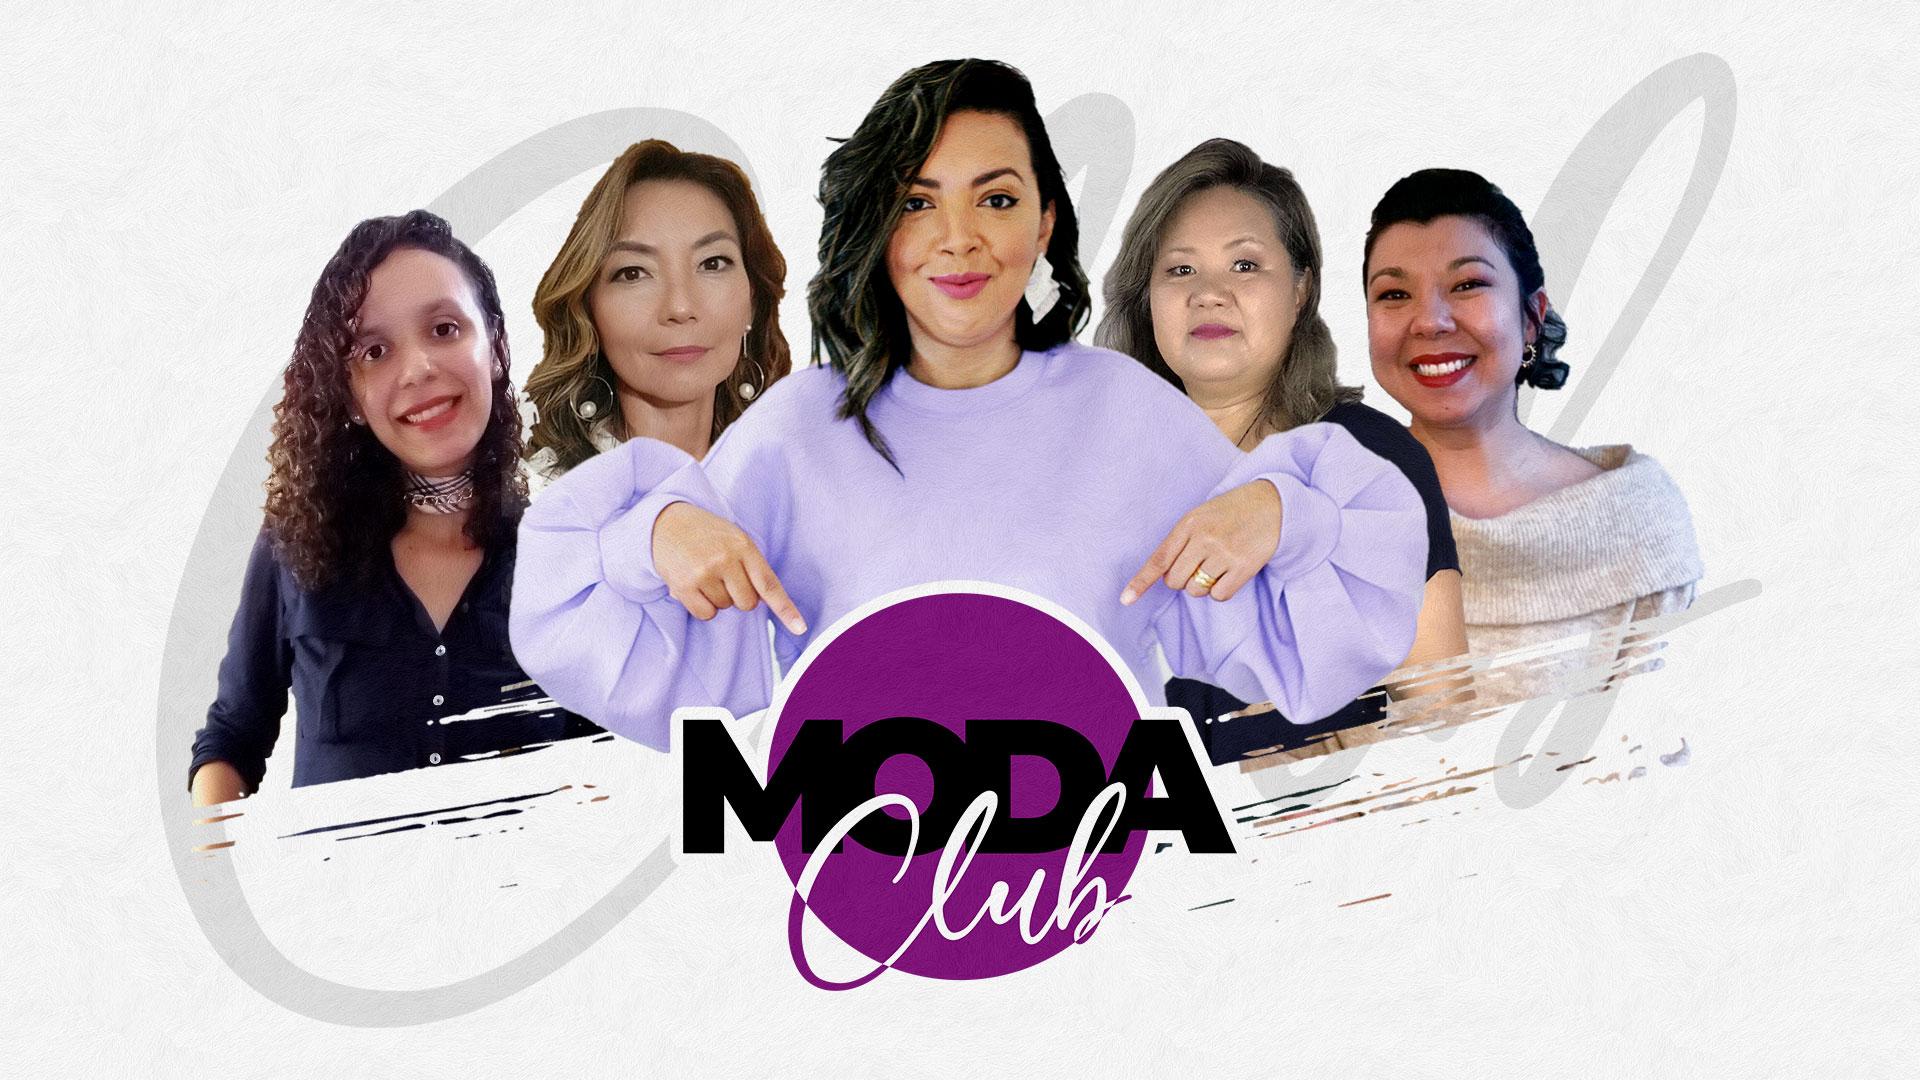 Moda Club